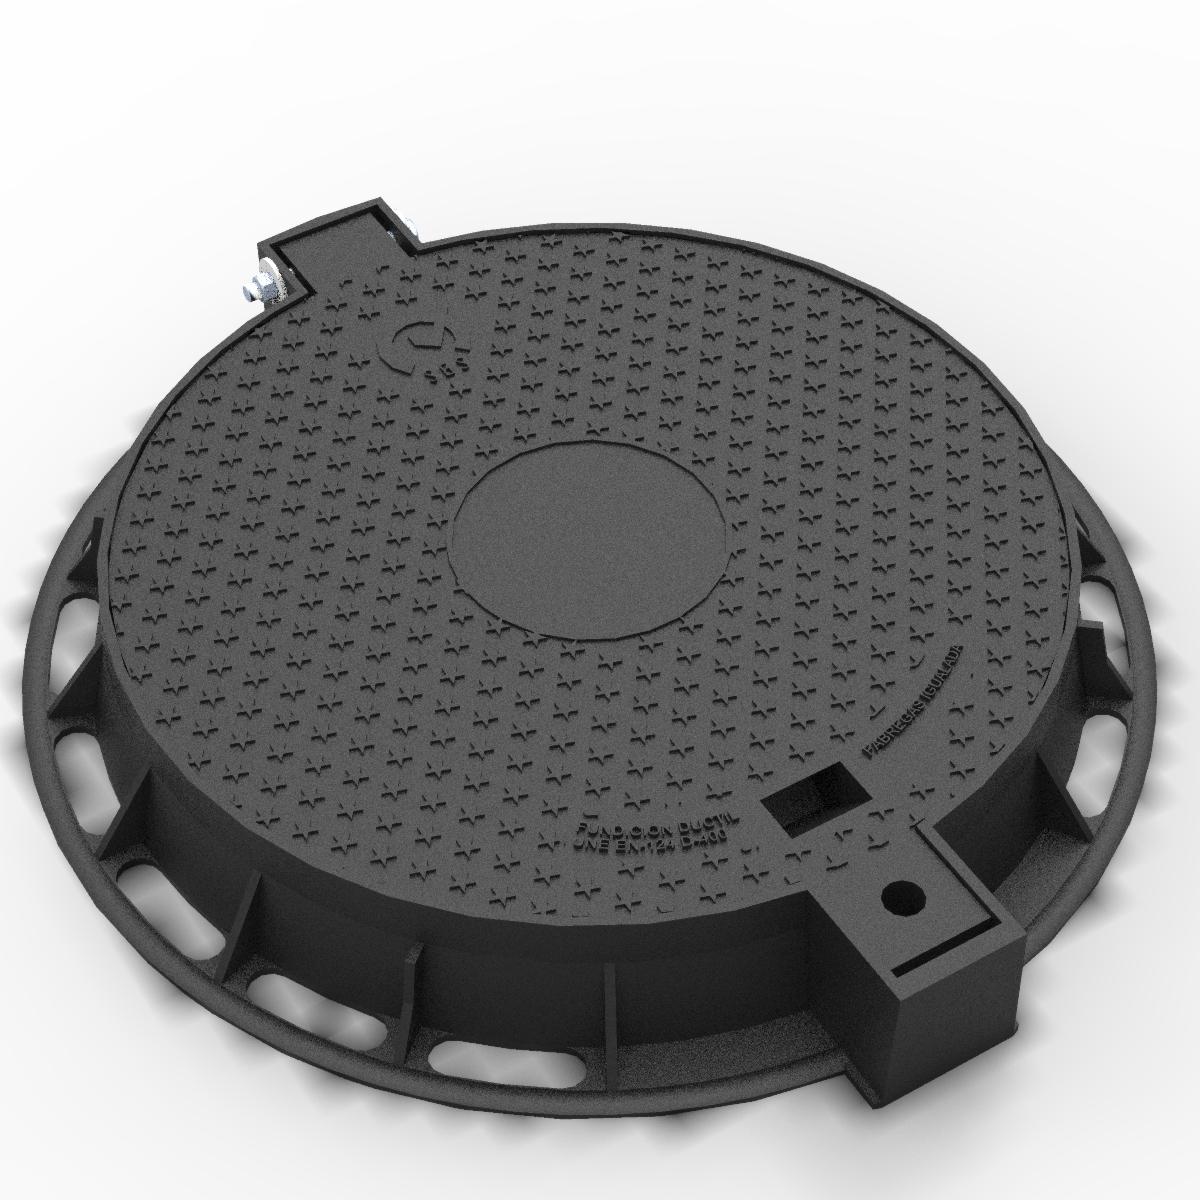 Tapa y aro articulada de fundicion ductil R-100-TP-C